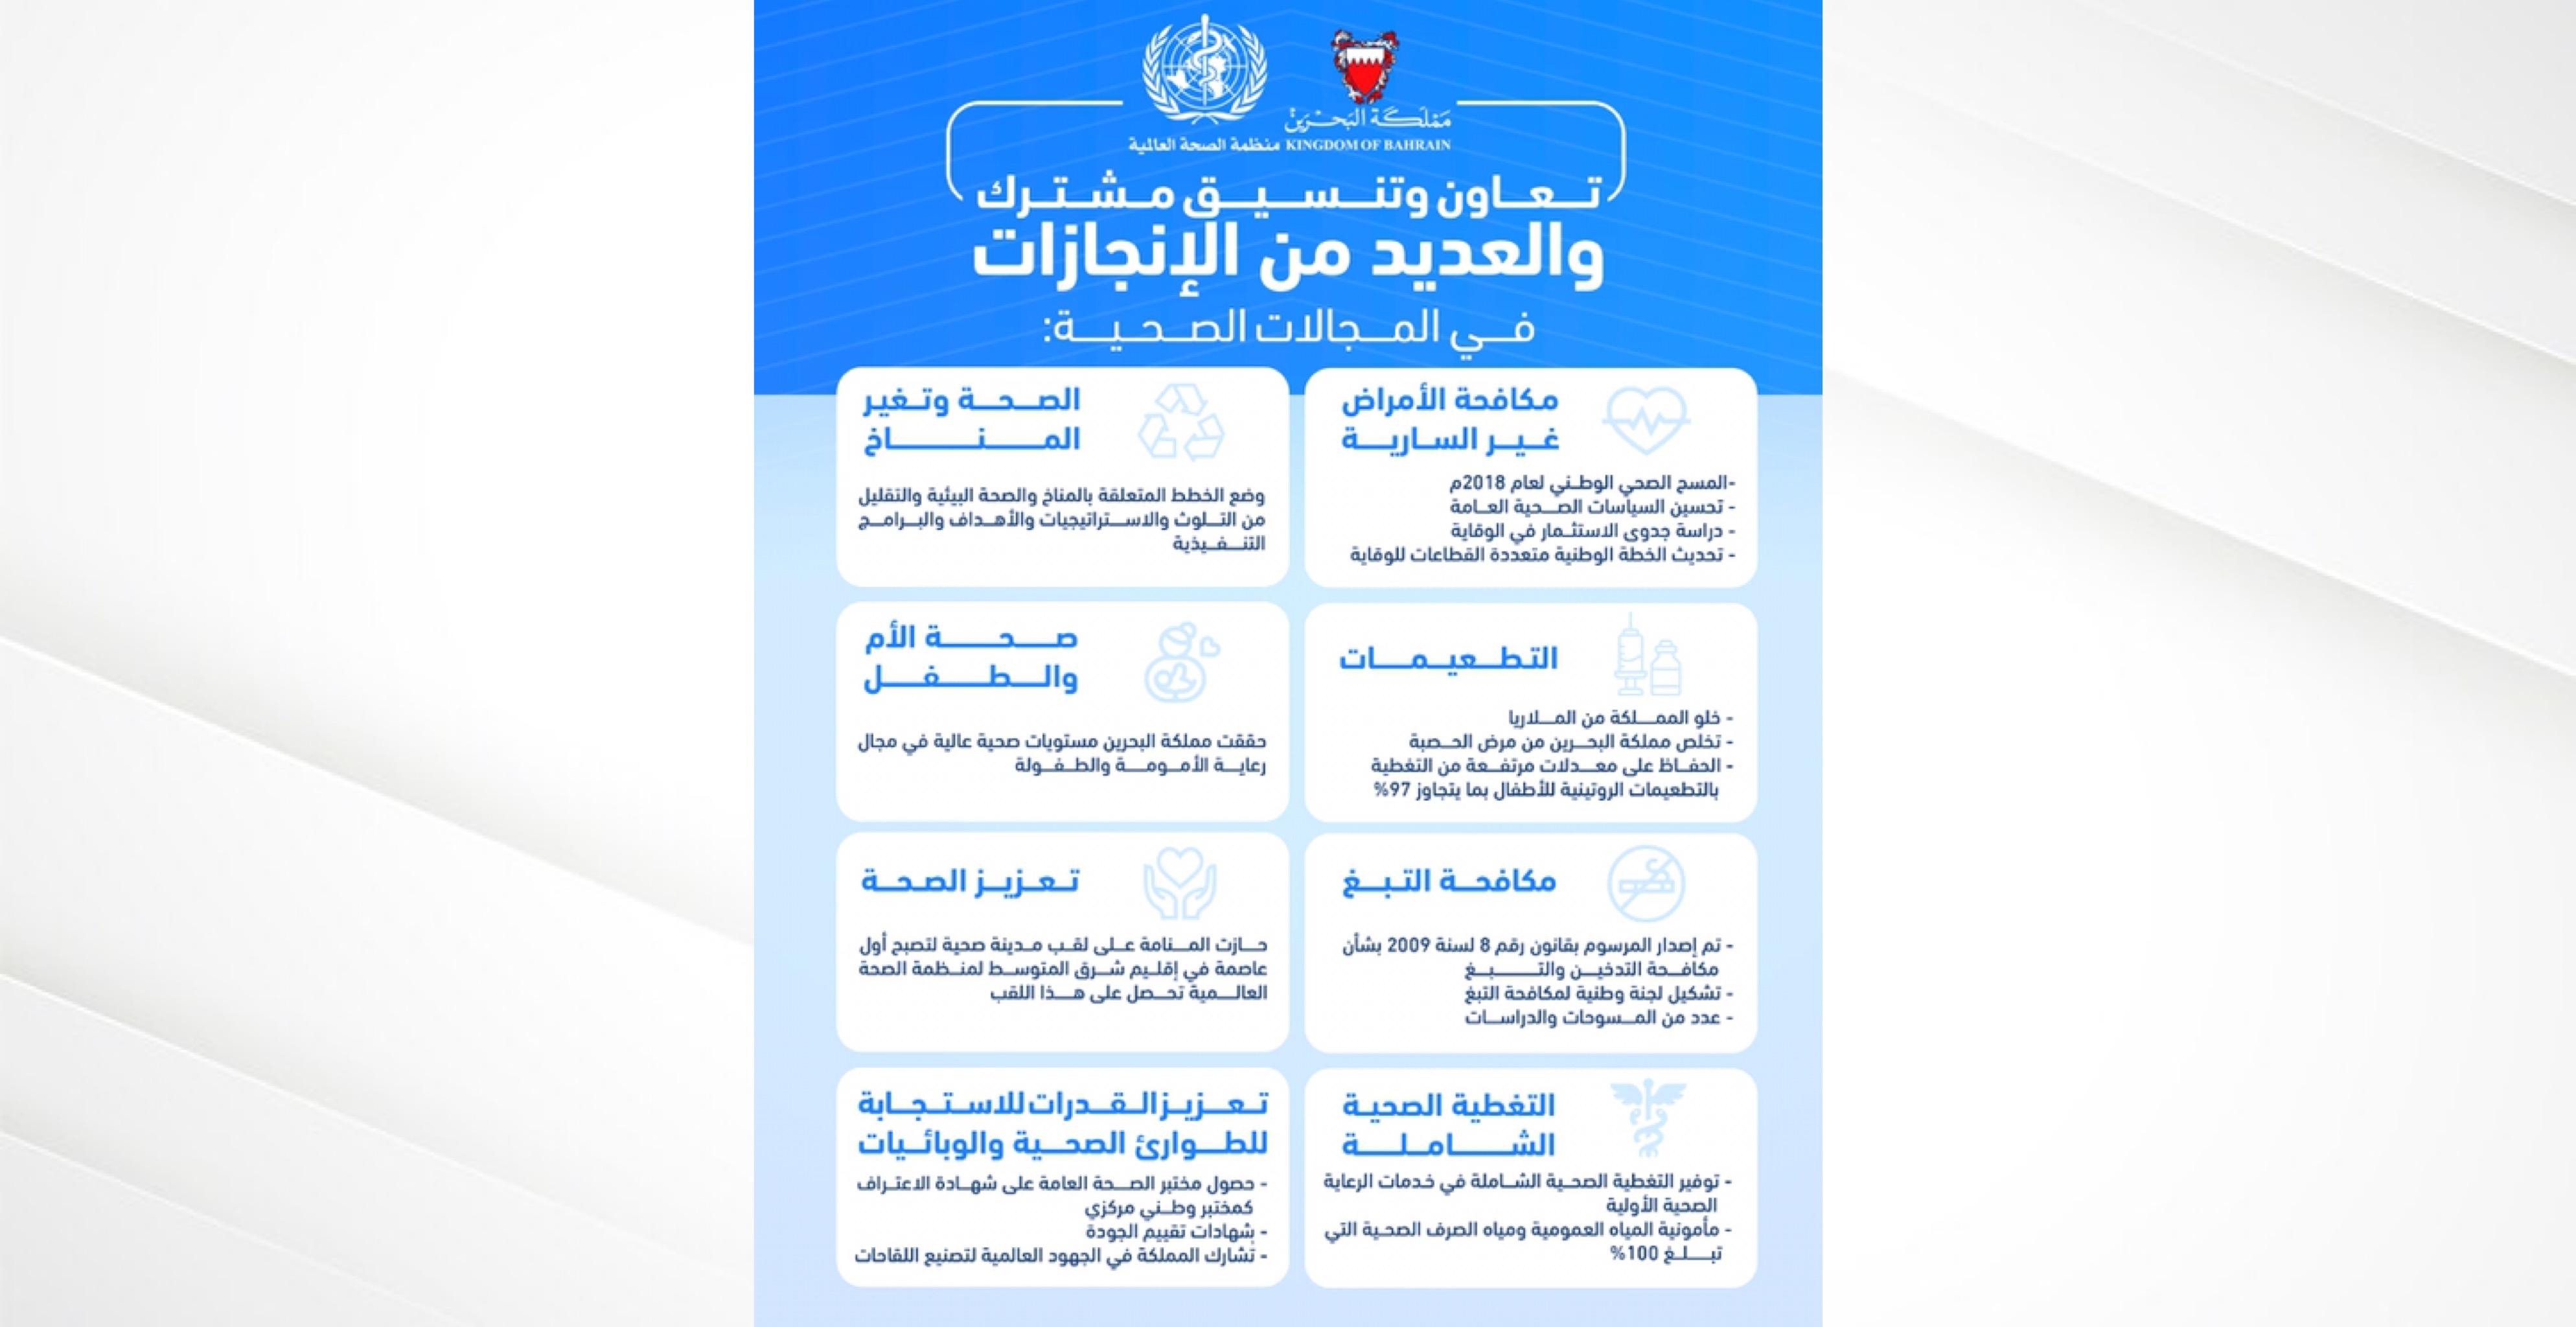 مملكة البحرين تُحقق العديد من الإنجازات والمكاسب في المجال الصحي بالتعاون والتنسيق المشترك مع منظمة الصحة العالمية